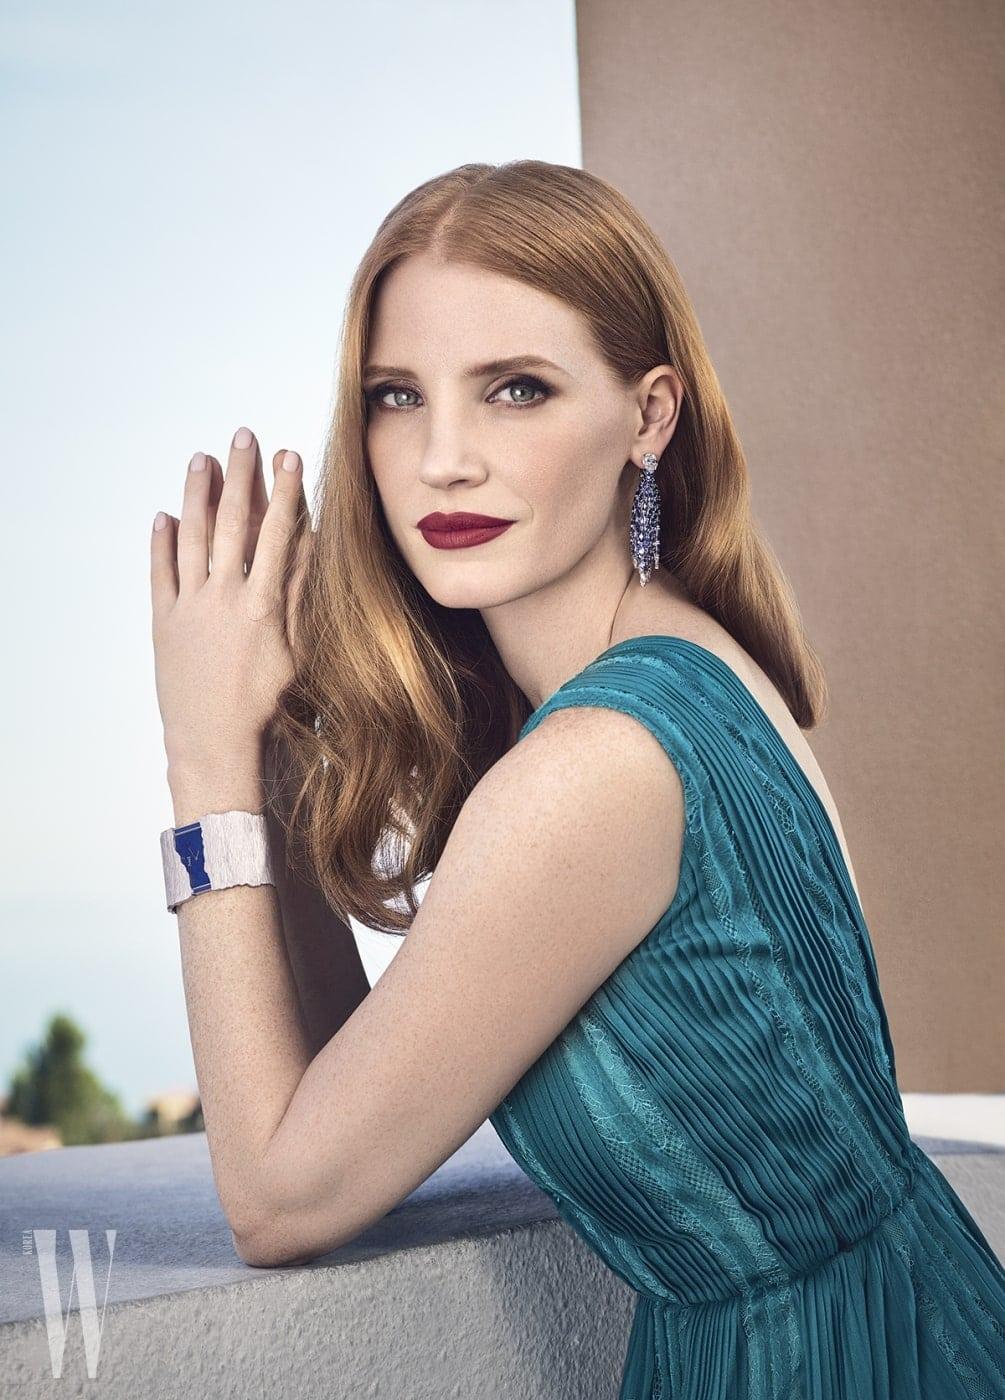 '씨 템테이션 다이아몬드 이어링'과 '블루 쇼어 워치'를 착용한 제시카 차스테인.